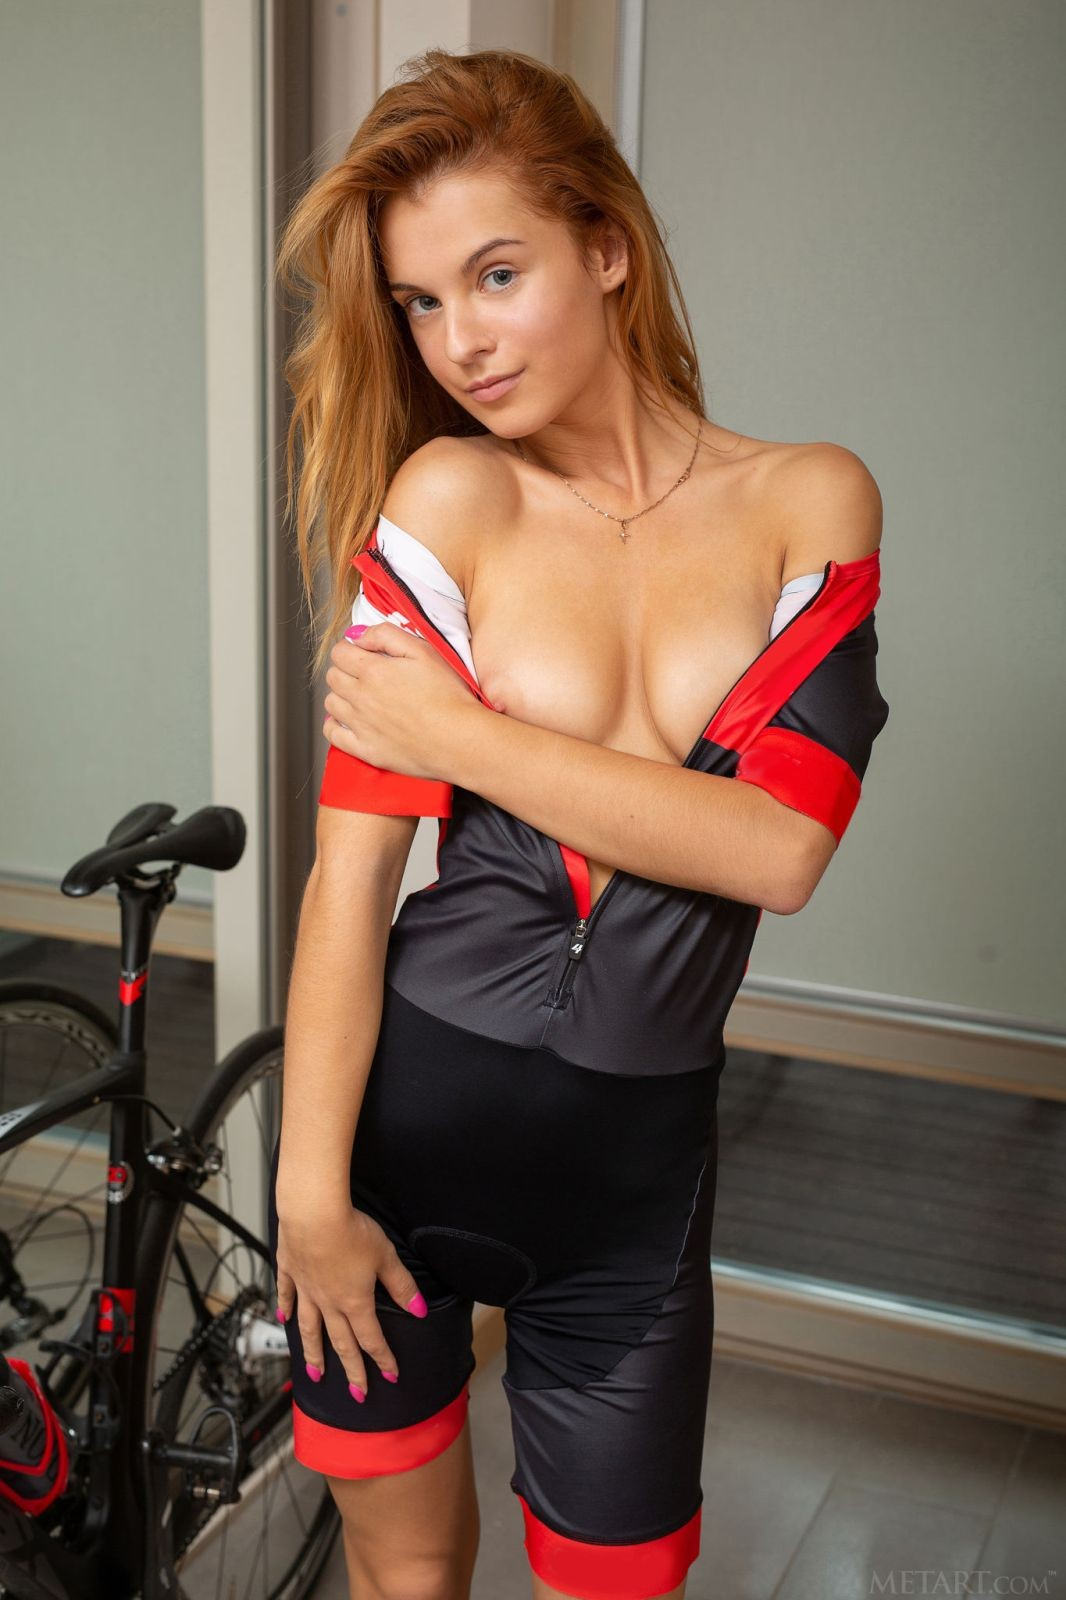 Рыжая велосипедистка в комбинезоне - фото